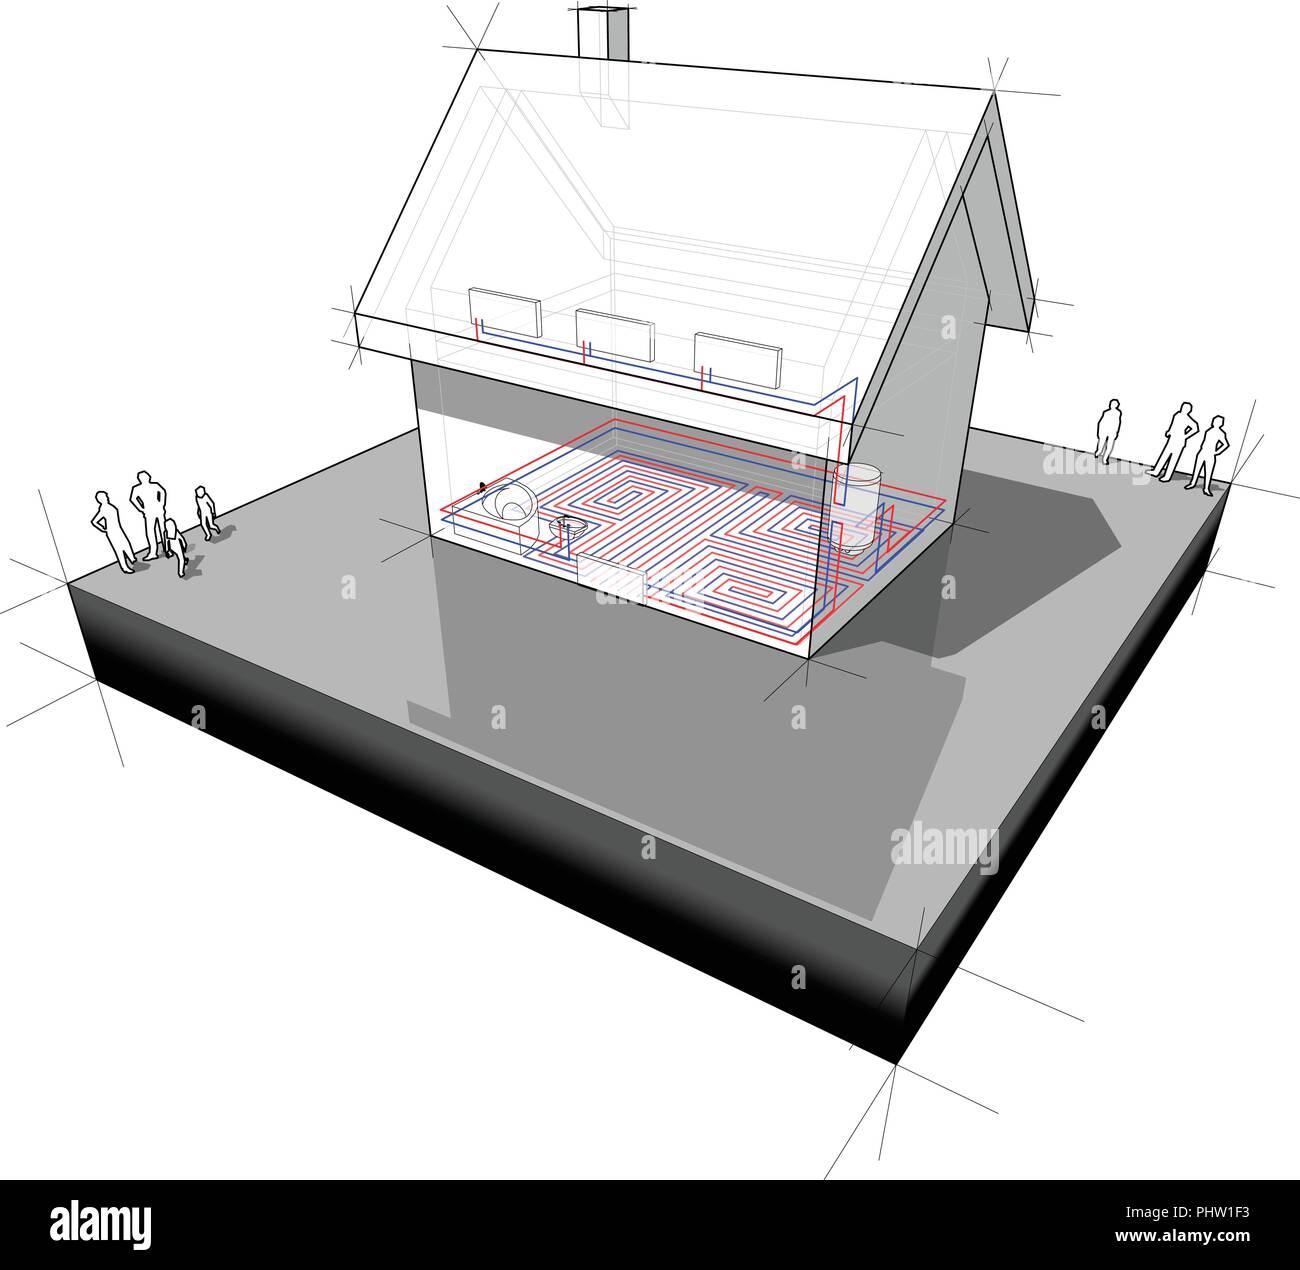 Diagramm Eines Freistehendes Haus Mit Fussbodenheizung Im Erdgeschoss